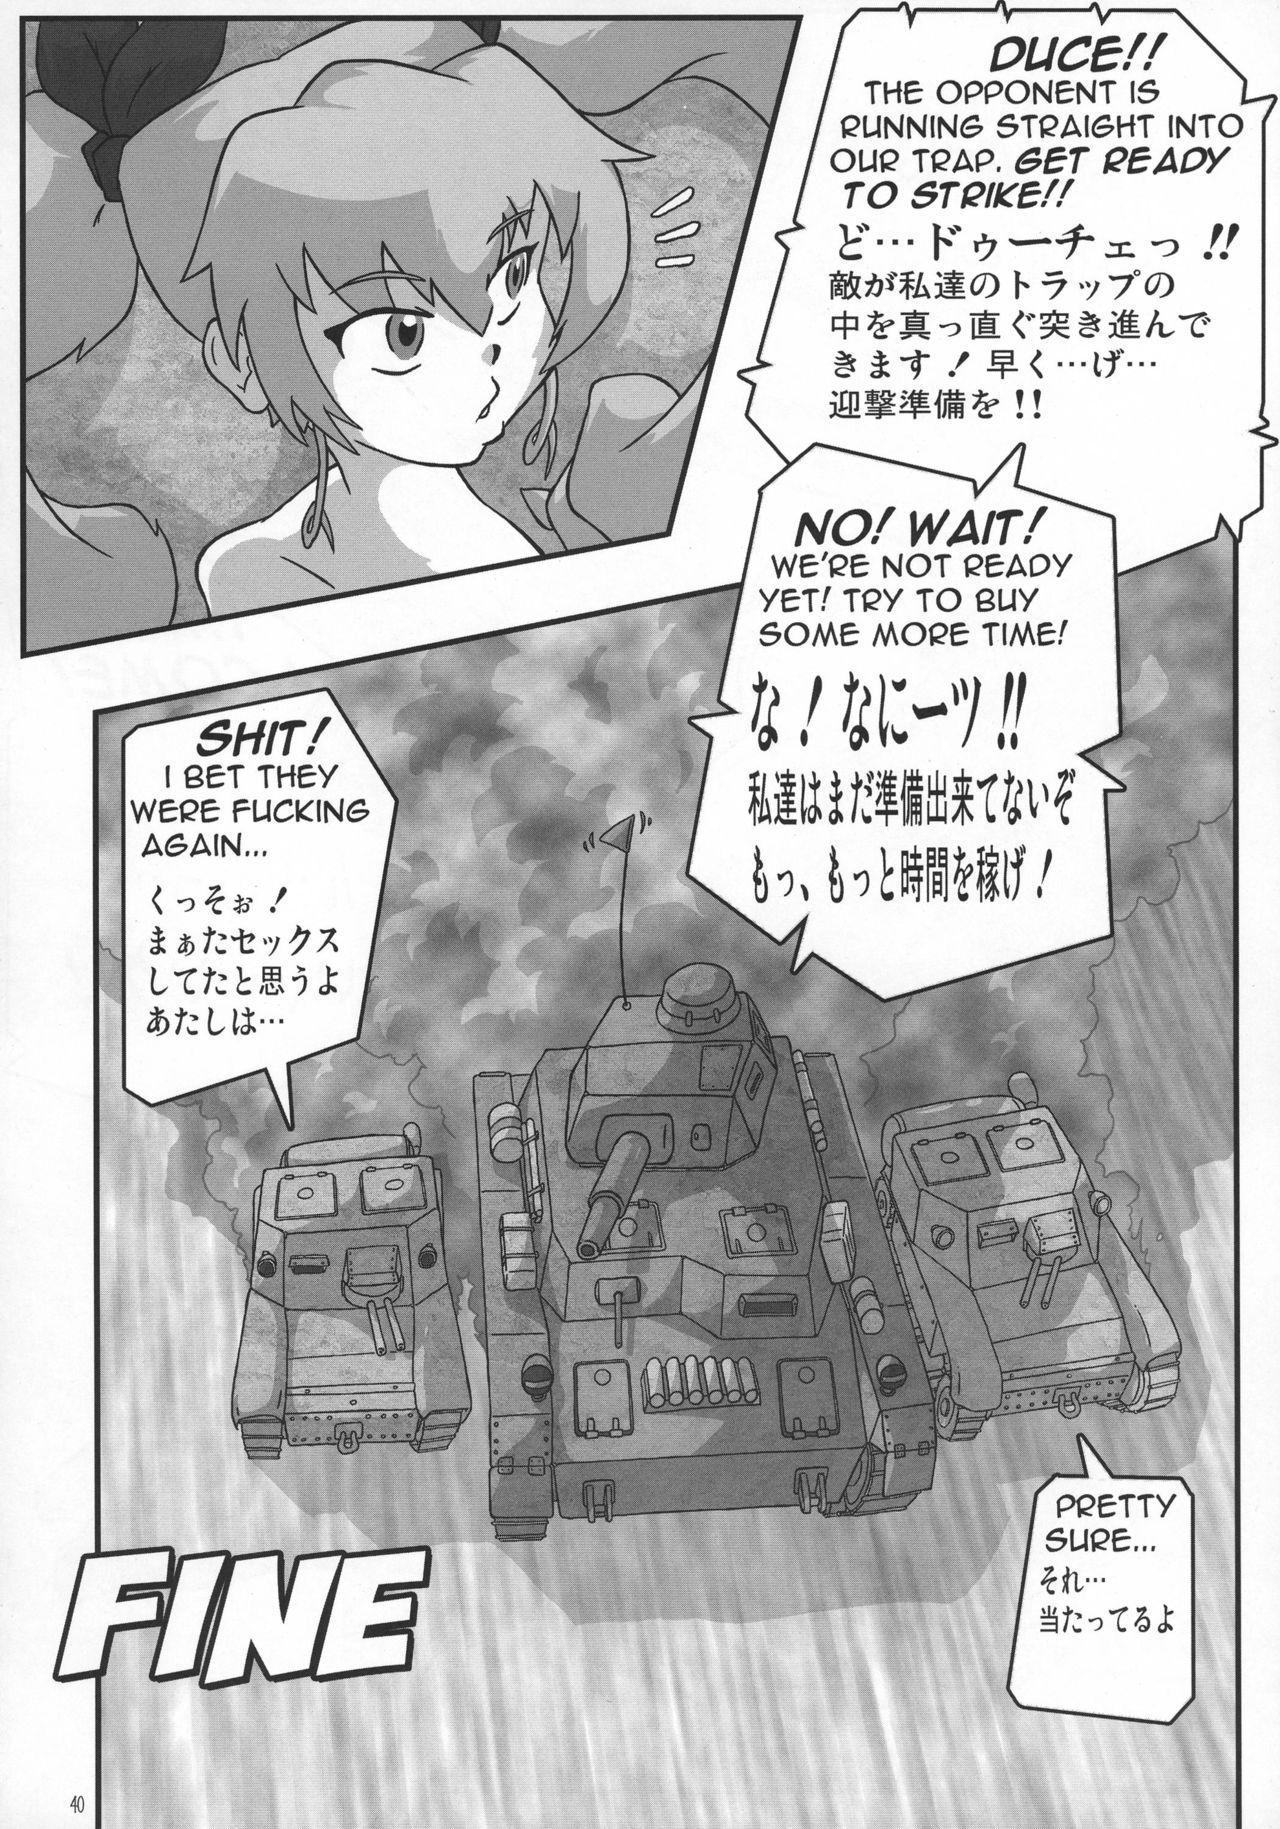 Shin Hanzyuuryoku 34 39